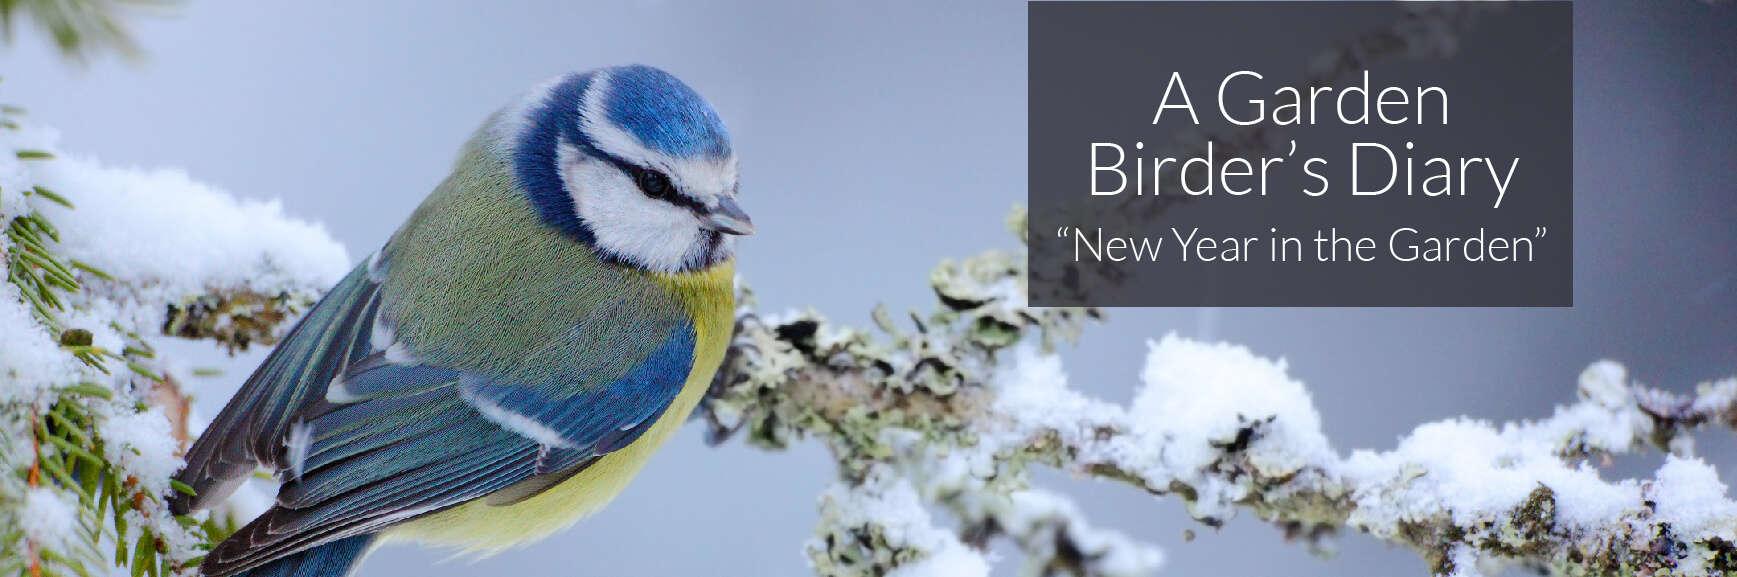 A Garden Birder's Diary – New Year in the Garden.